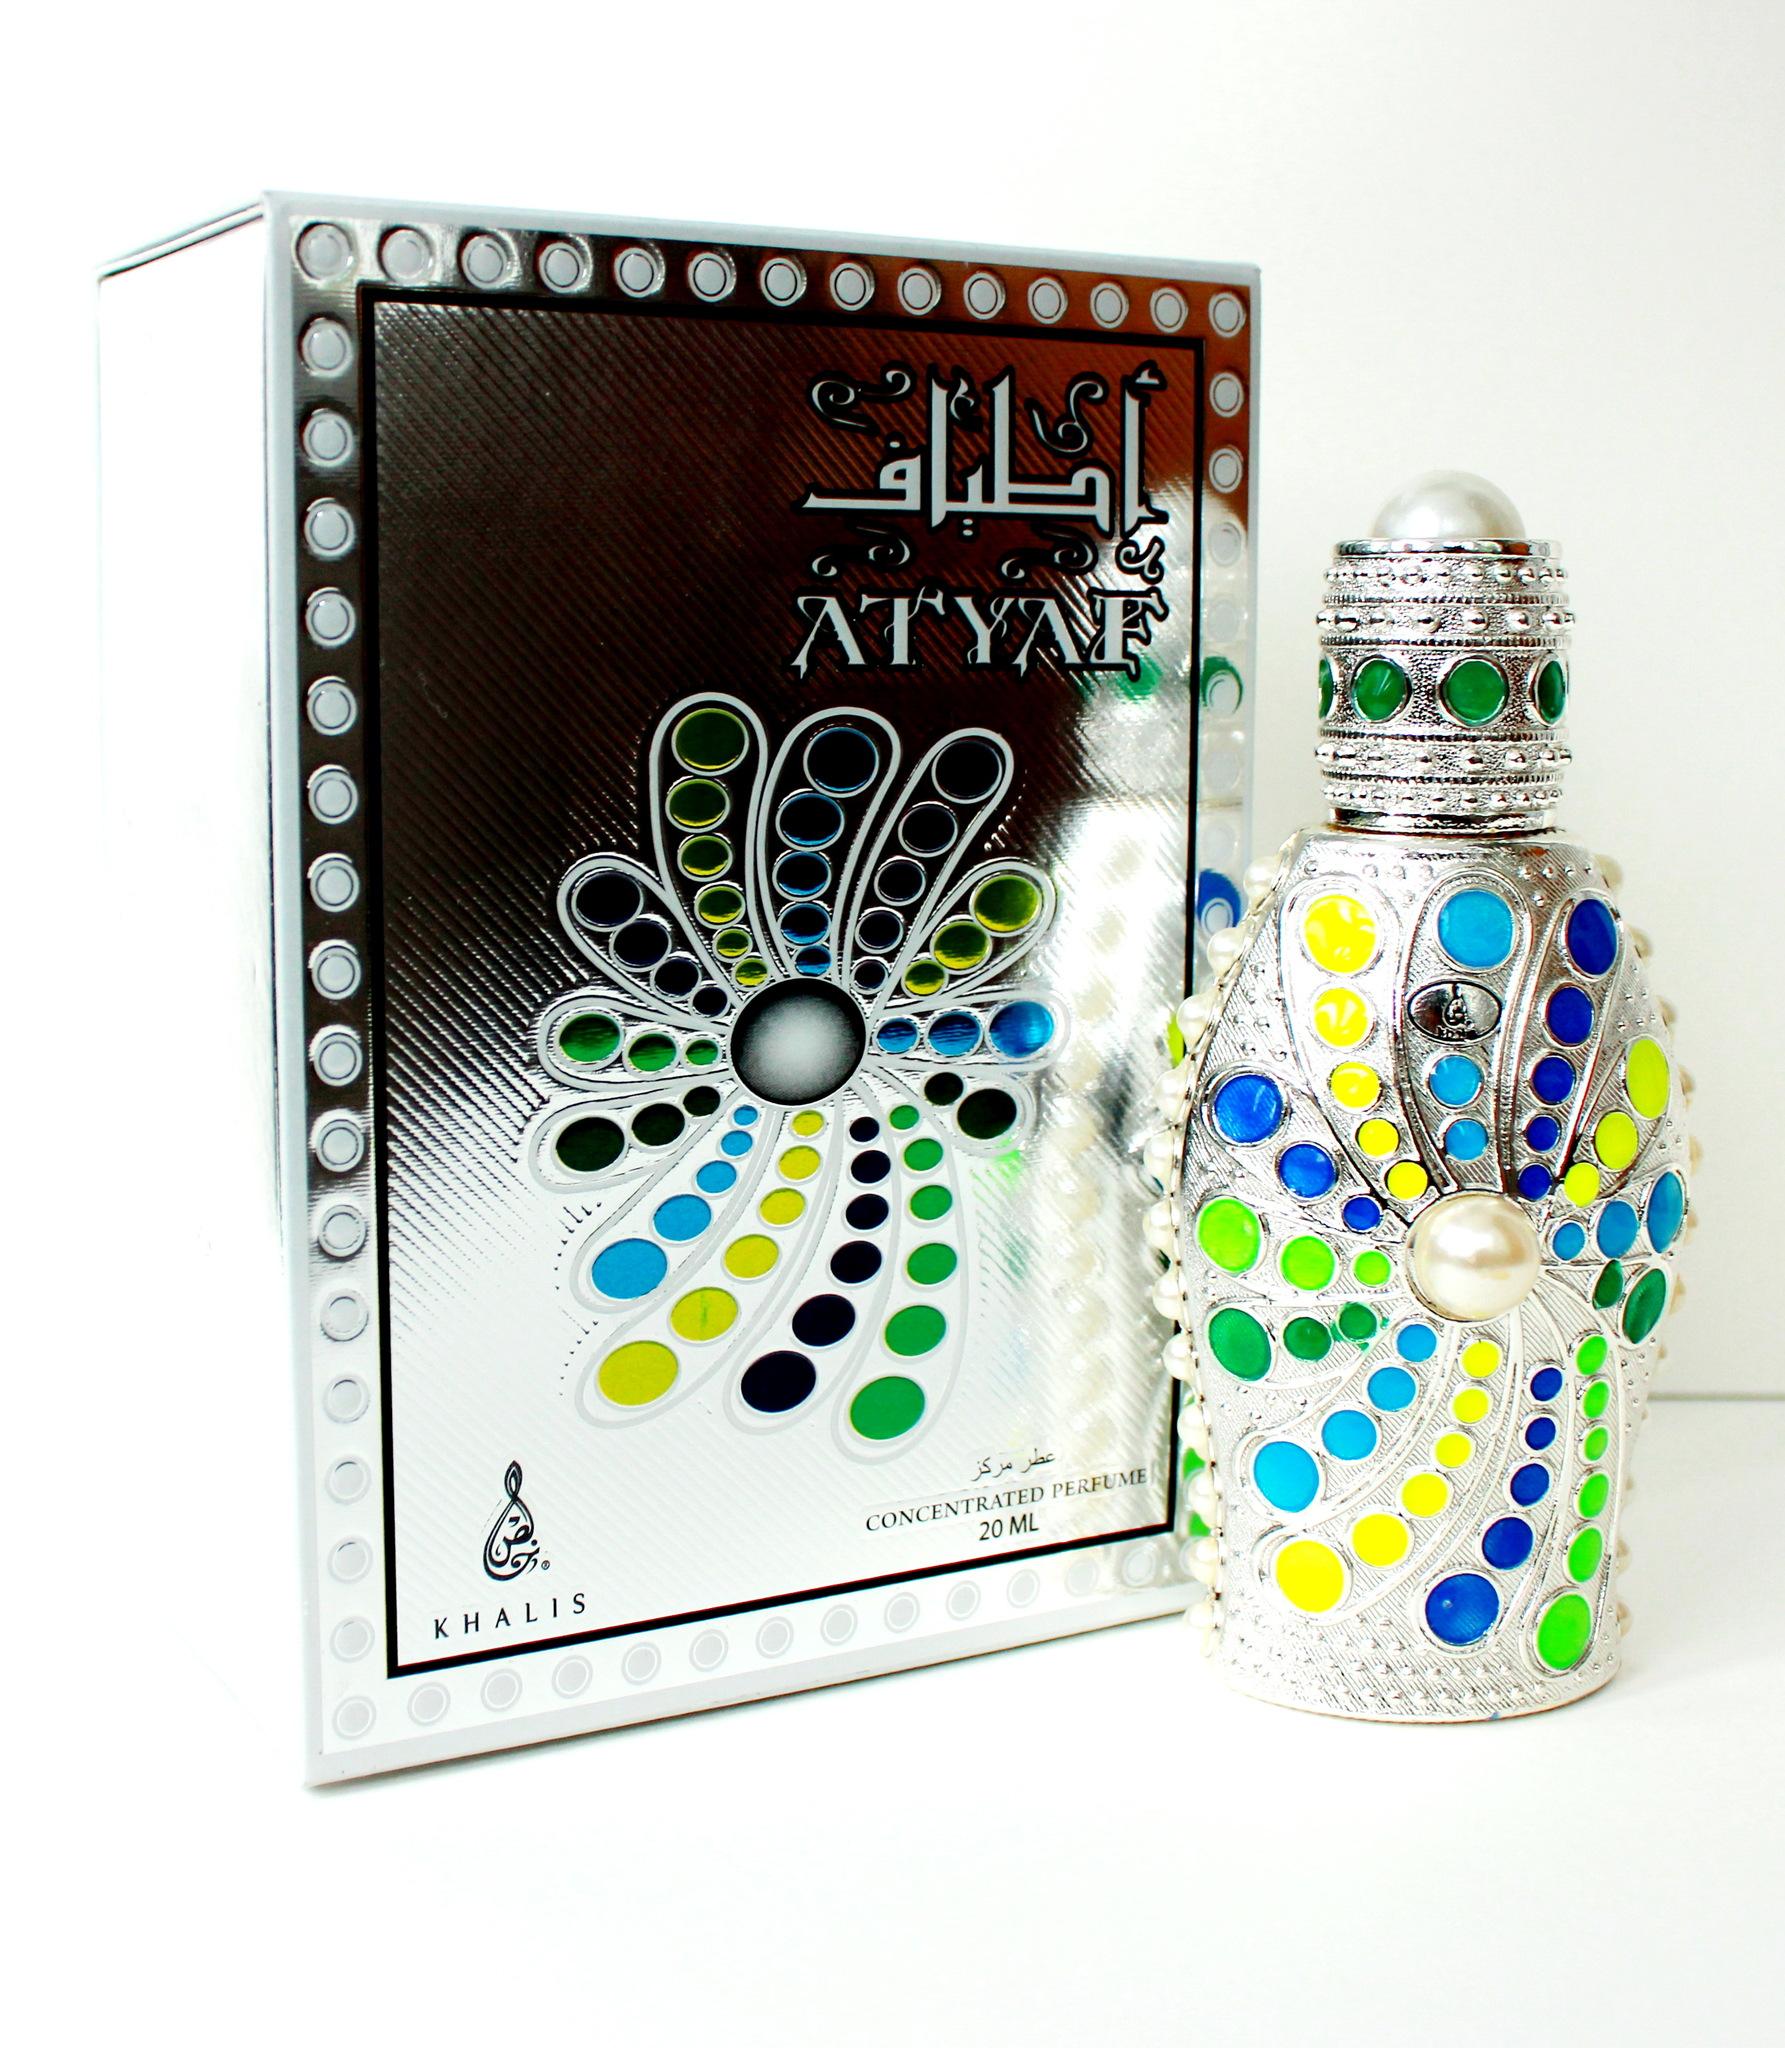 Пробник для Atyaf Атиэф 1 мл арабские масляные духи от Халис Khalis Perfumes